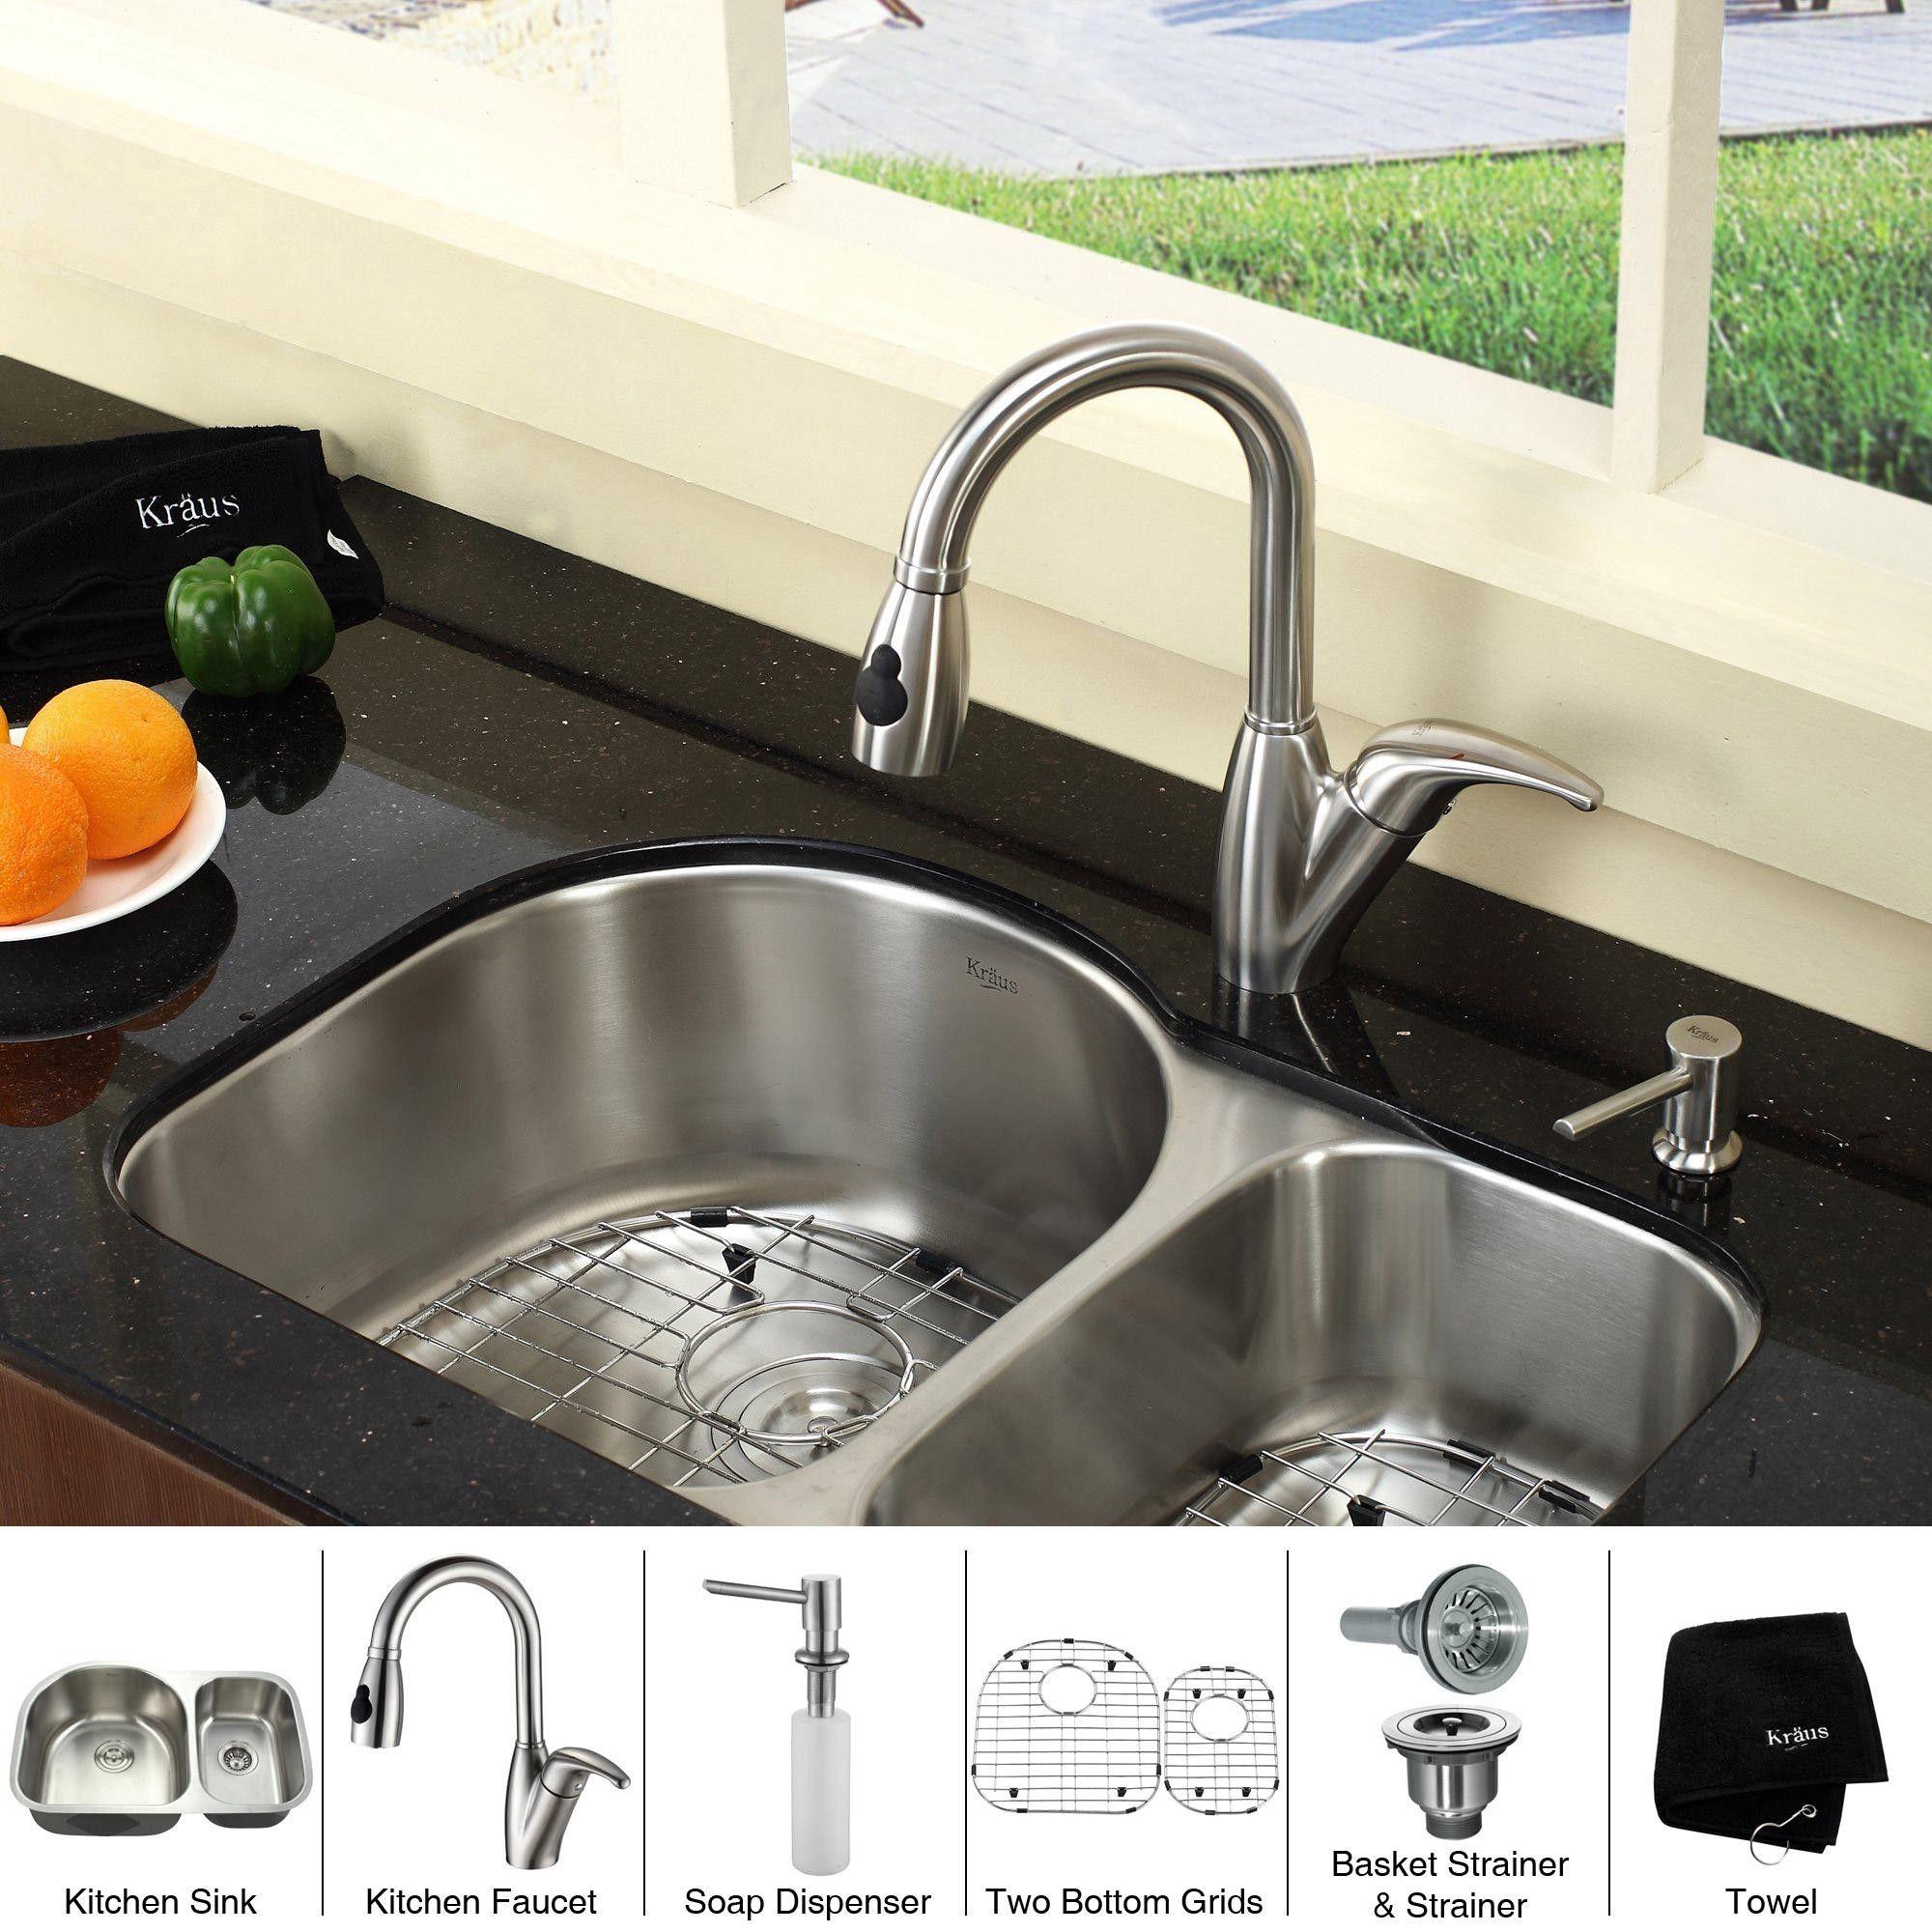 Kraus Stainless Steel Kitchen Sink Strainer | http://yonkou-tei ...